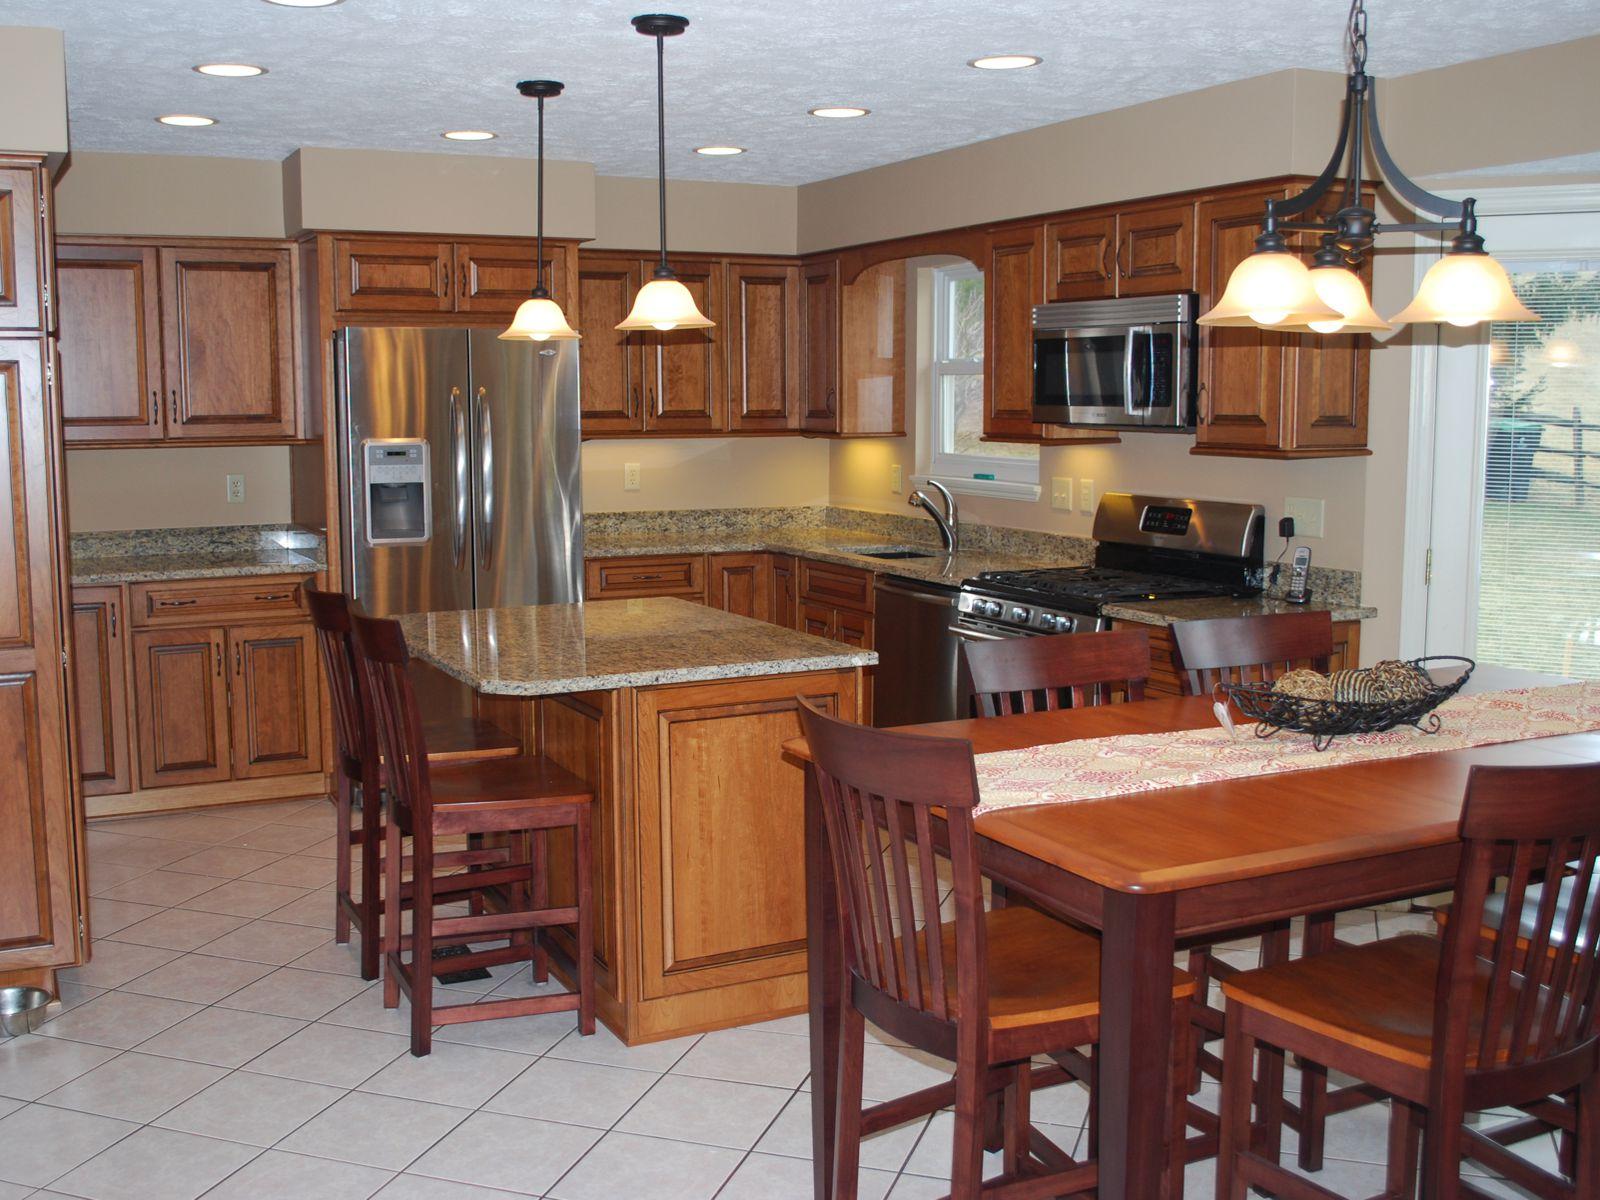 Manor House Kitchens Inc image 1